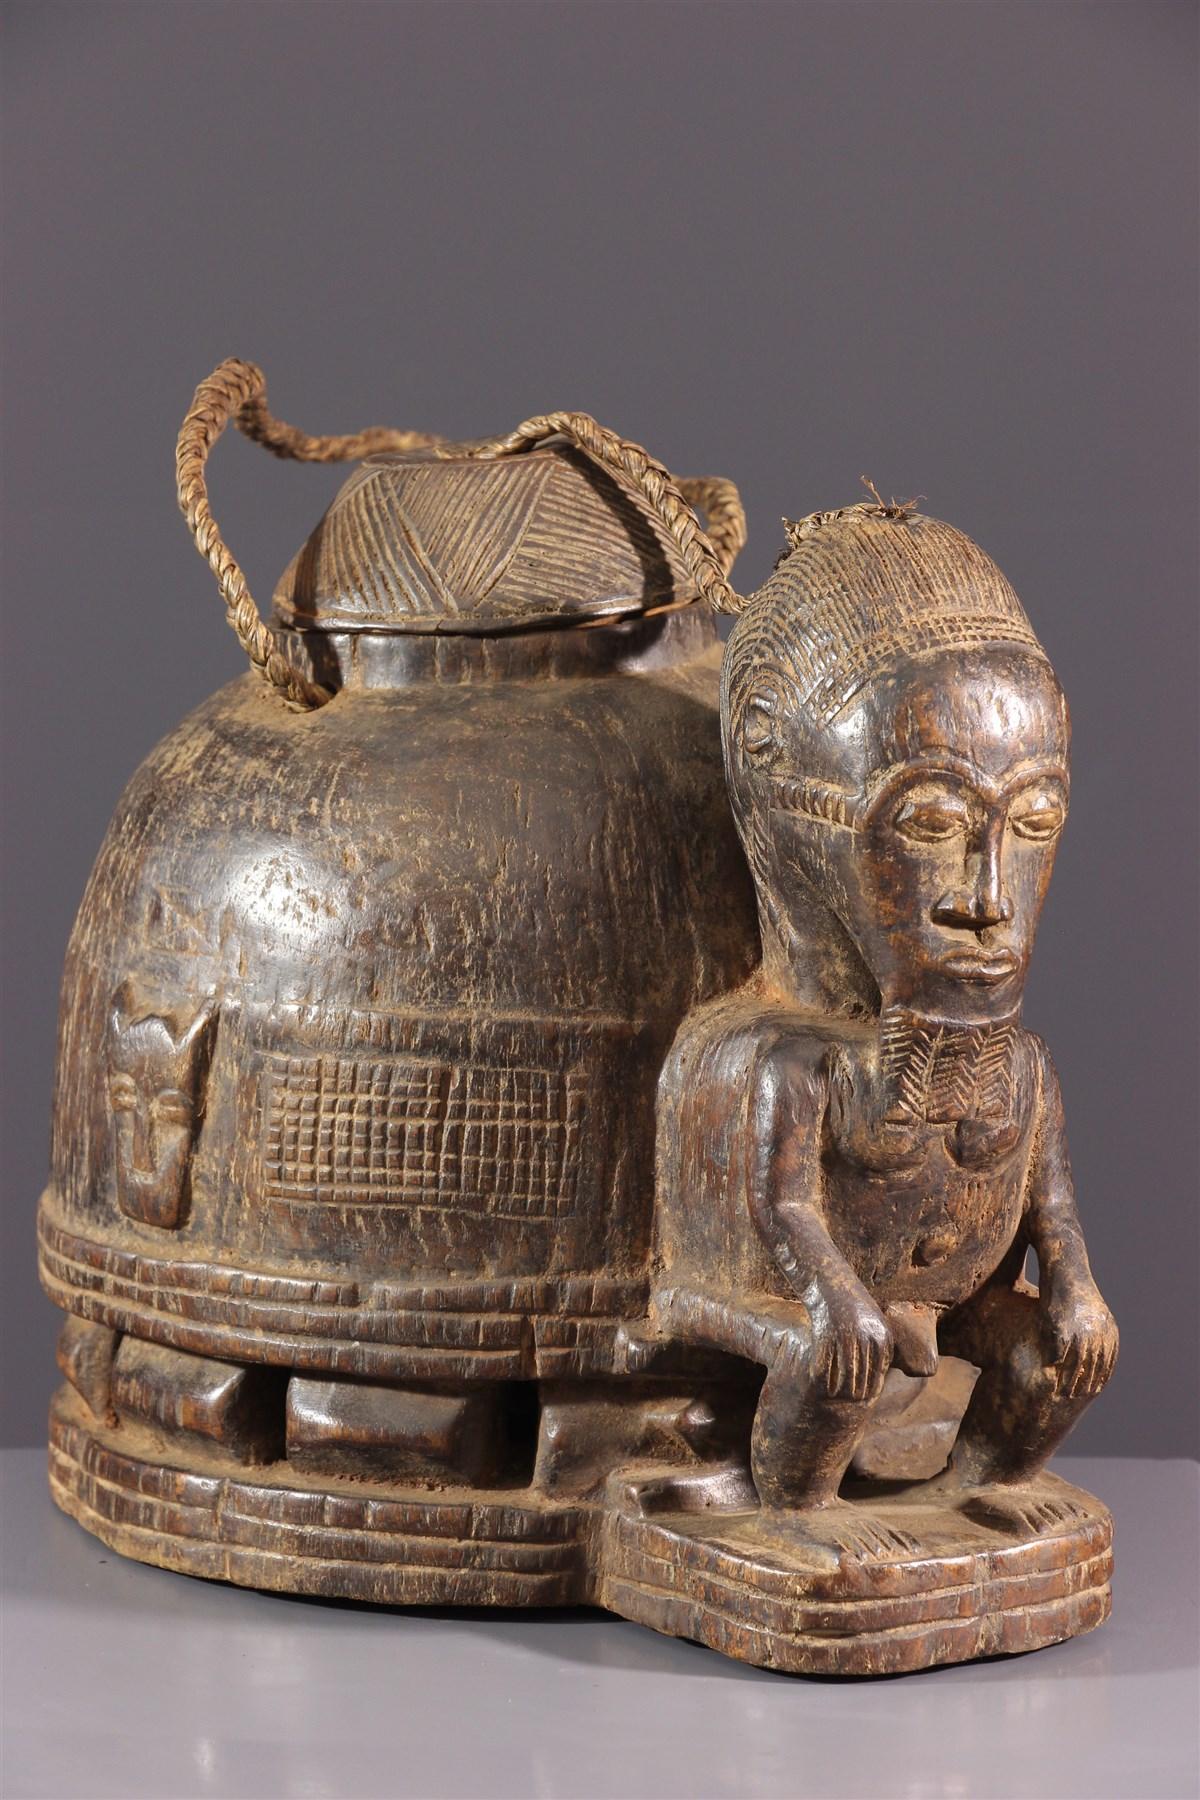 Boîte à oracle à souris Gbékré sé Baoulé - Art africain